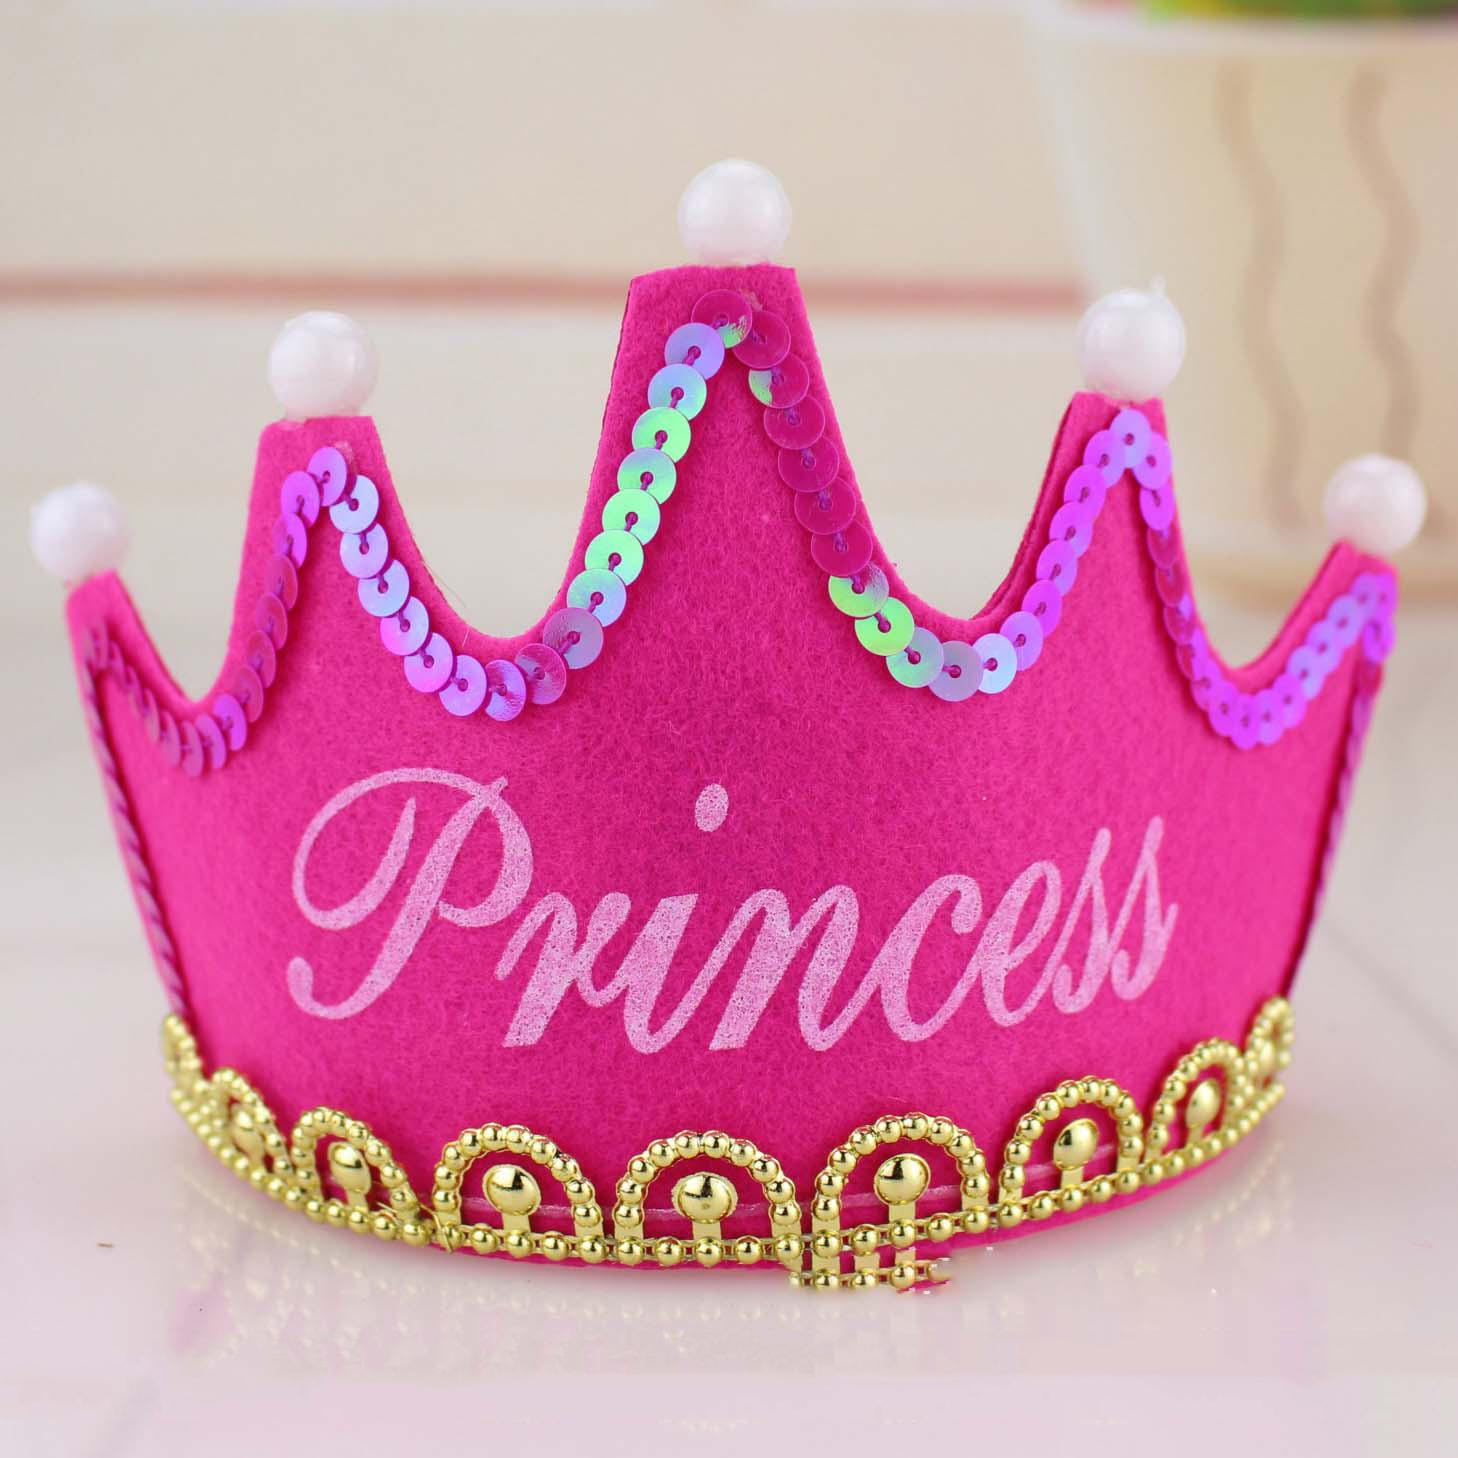 Nón sinh nhật phát sáng tiệc màu hồng Princess